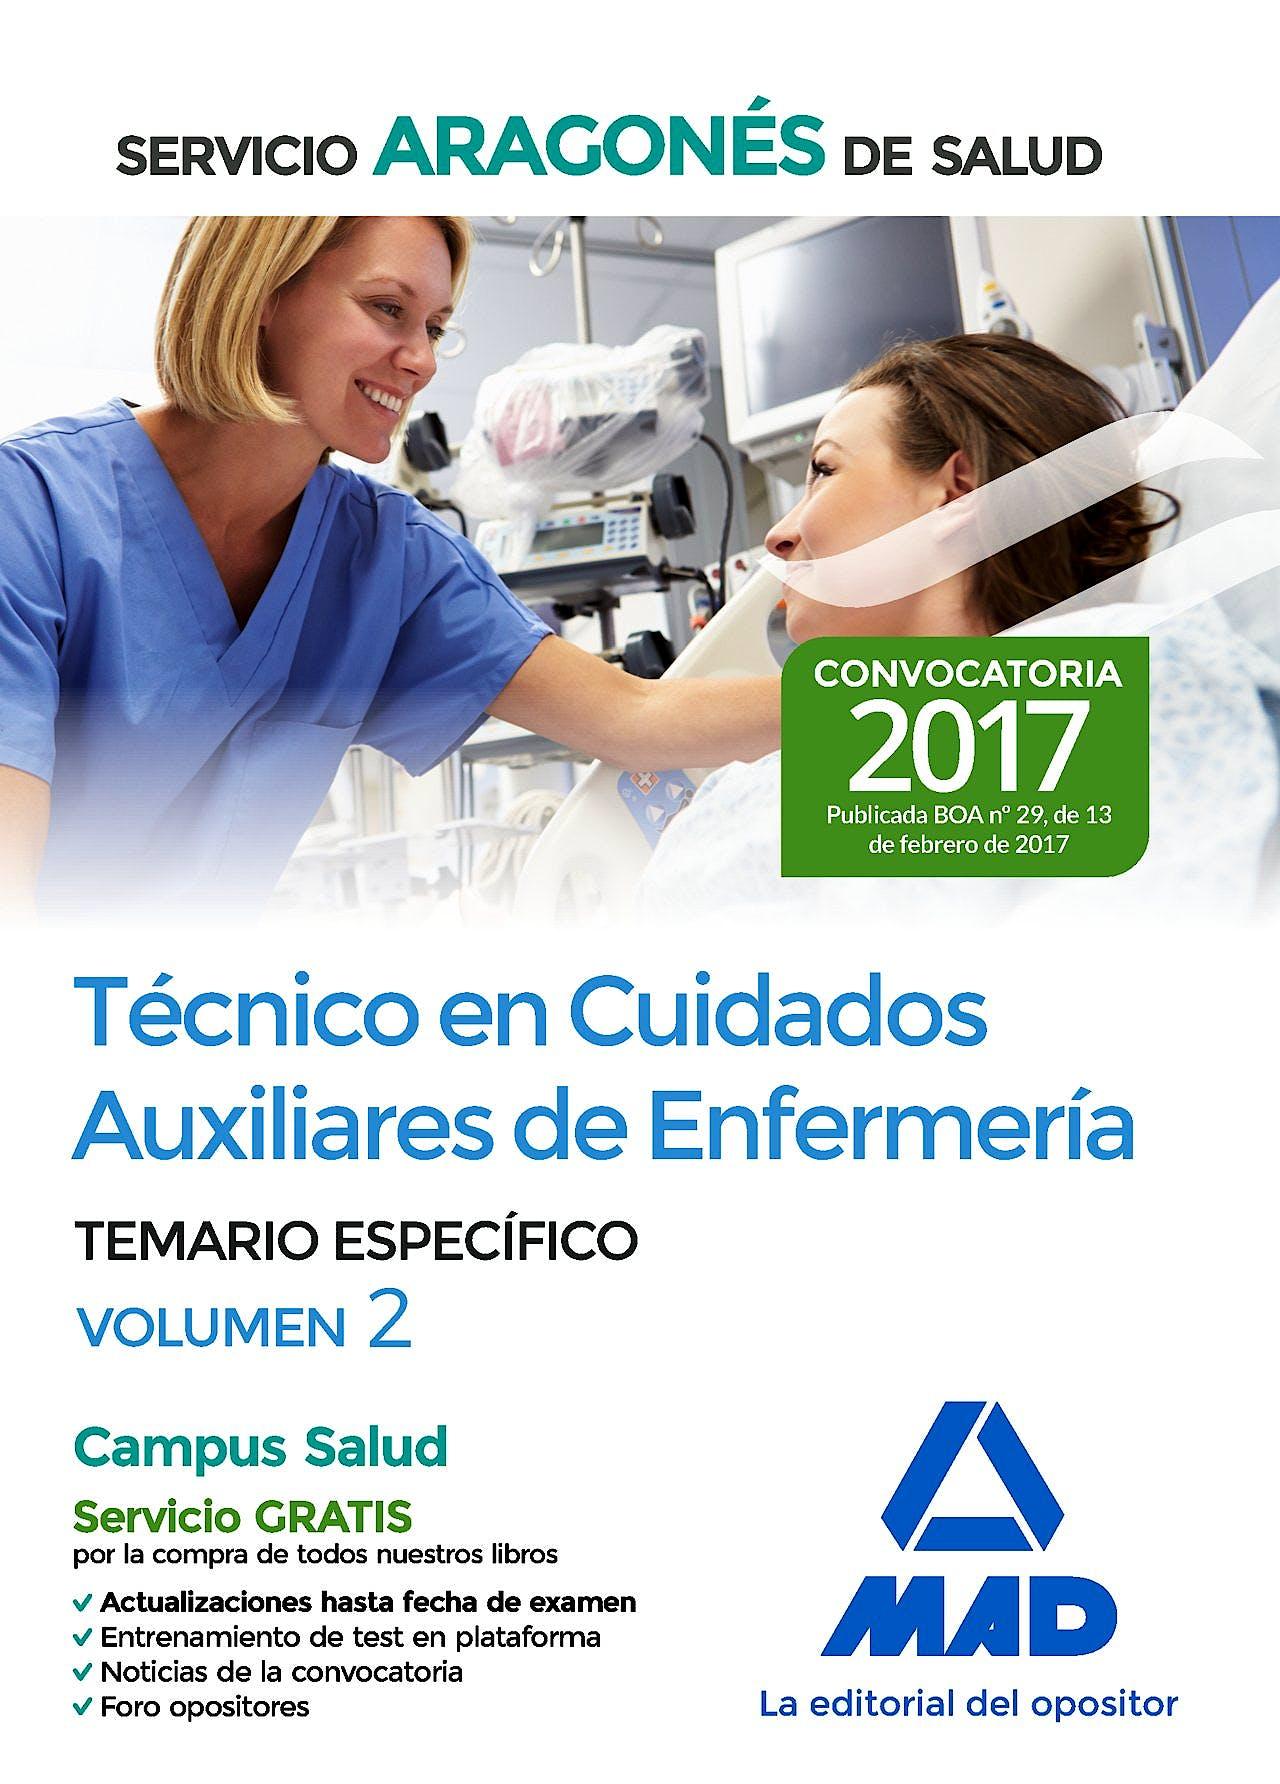 Portada del libro 9788414205297 Técnico en Cuidados Auxiliares de Enfermería Servicio Aragonés de Salud. Temario Específico, Vol. 2